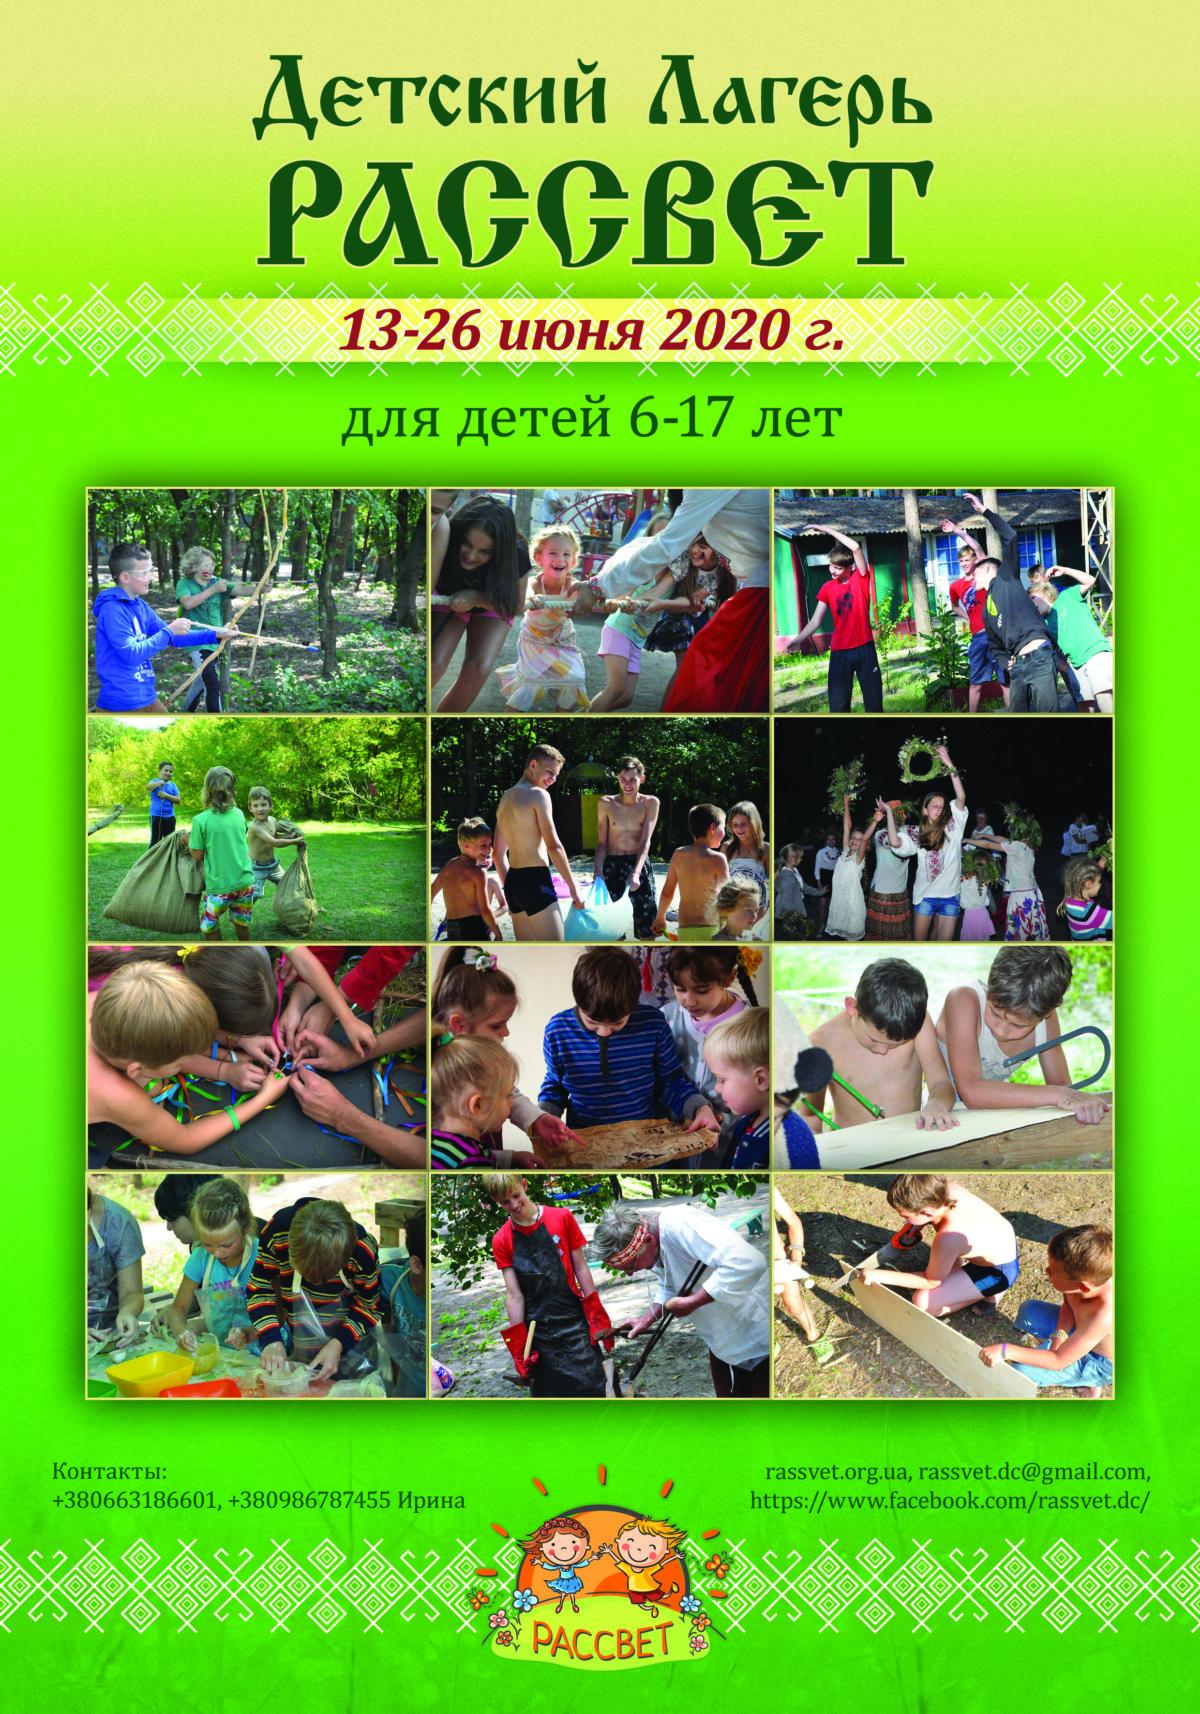 Детский Лагерь «РАССВЕТ» 13-26 июня 2020г